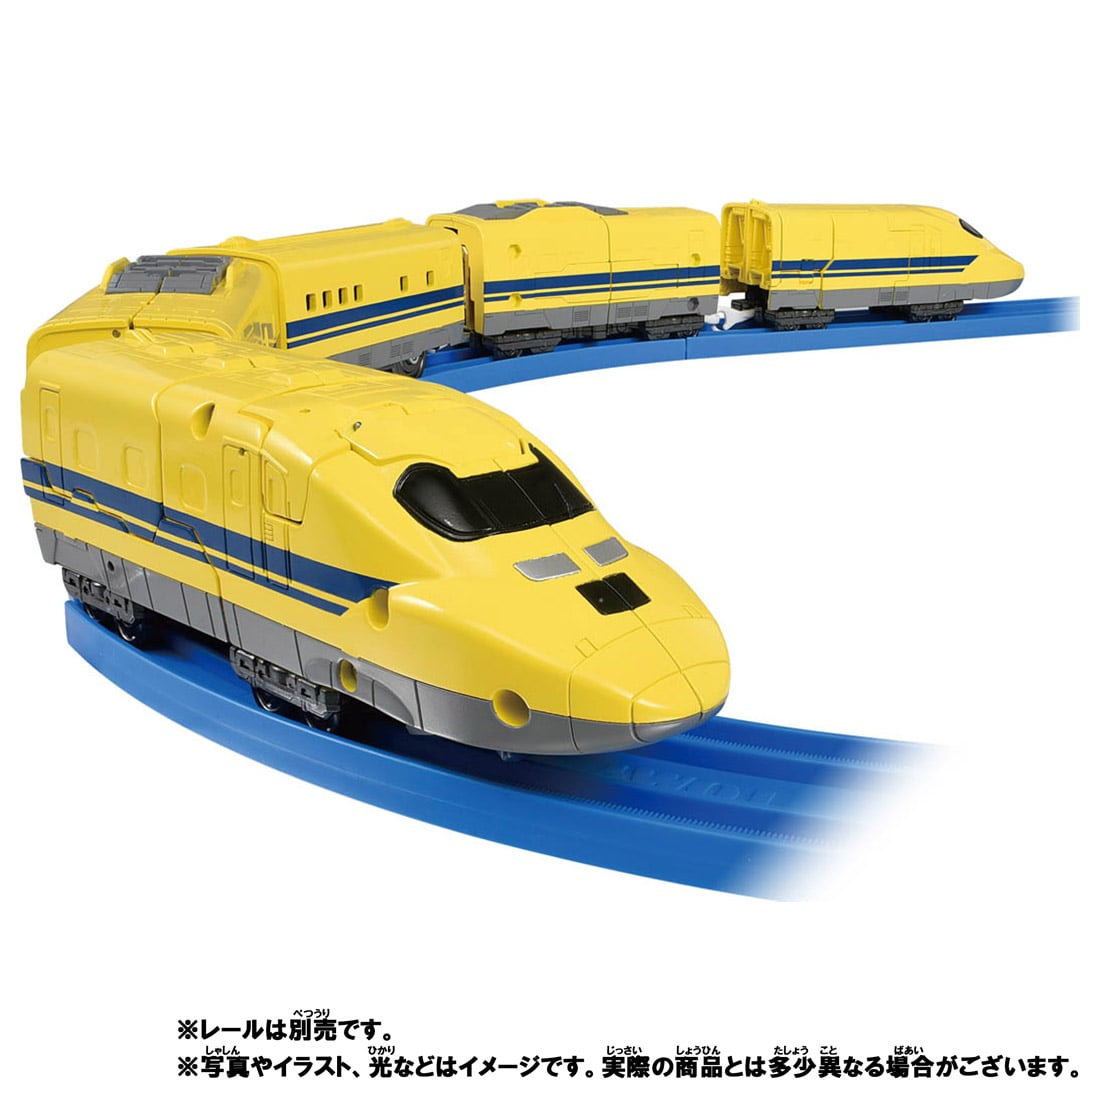 新幹線変形ロボ シンカリオンZ『シンカリオンZ ドクターイエロー』可変合体プラレール-008